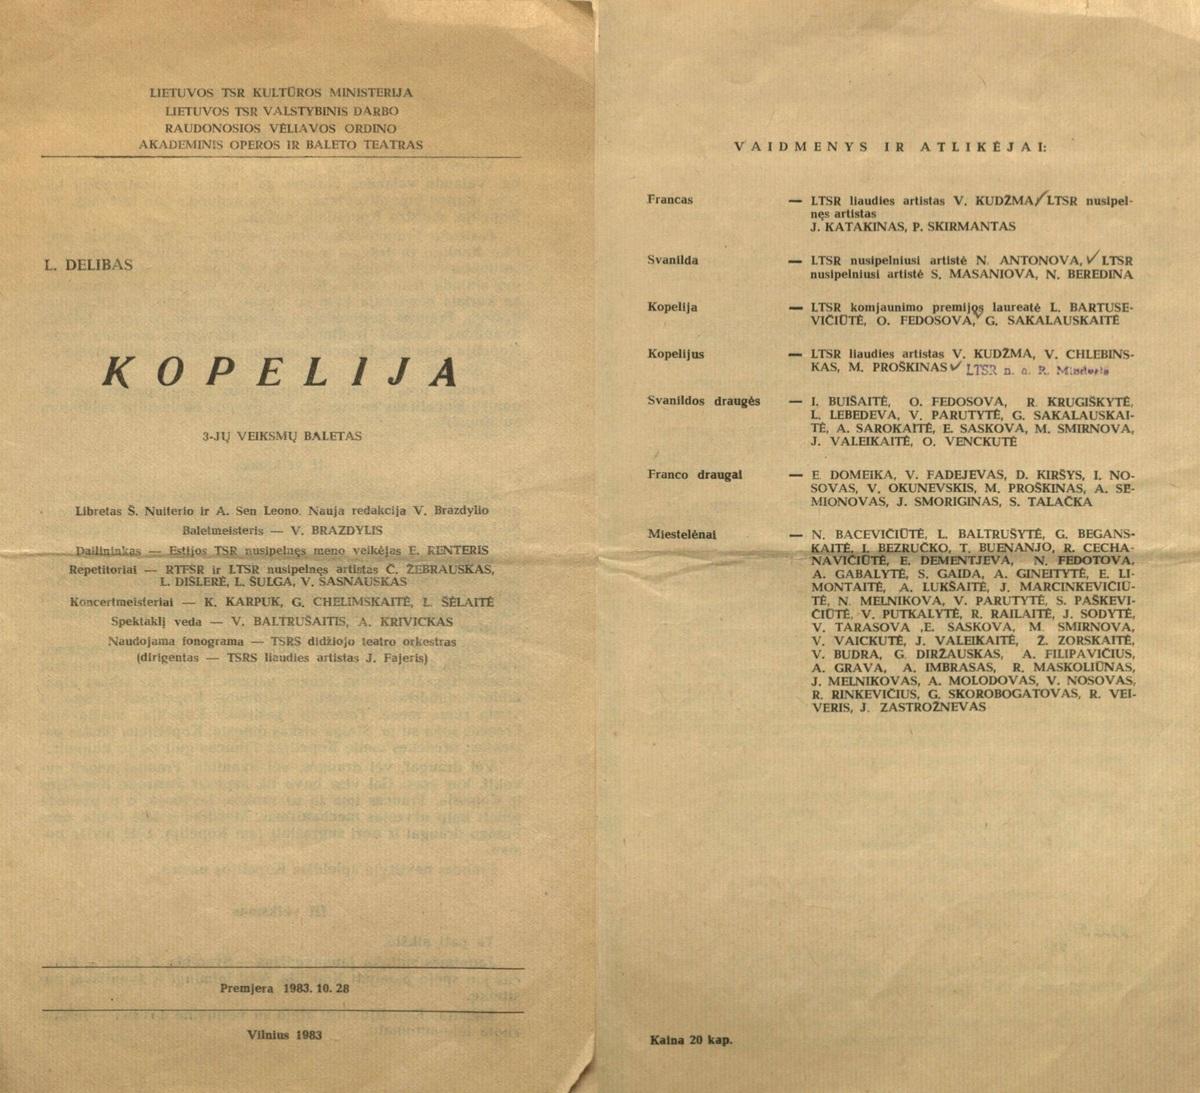 Kopelija : Léo Delibes. 3 veiksmų baletas. [Programa]. 1983.10.28.<br />